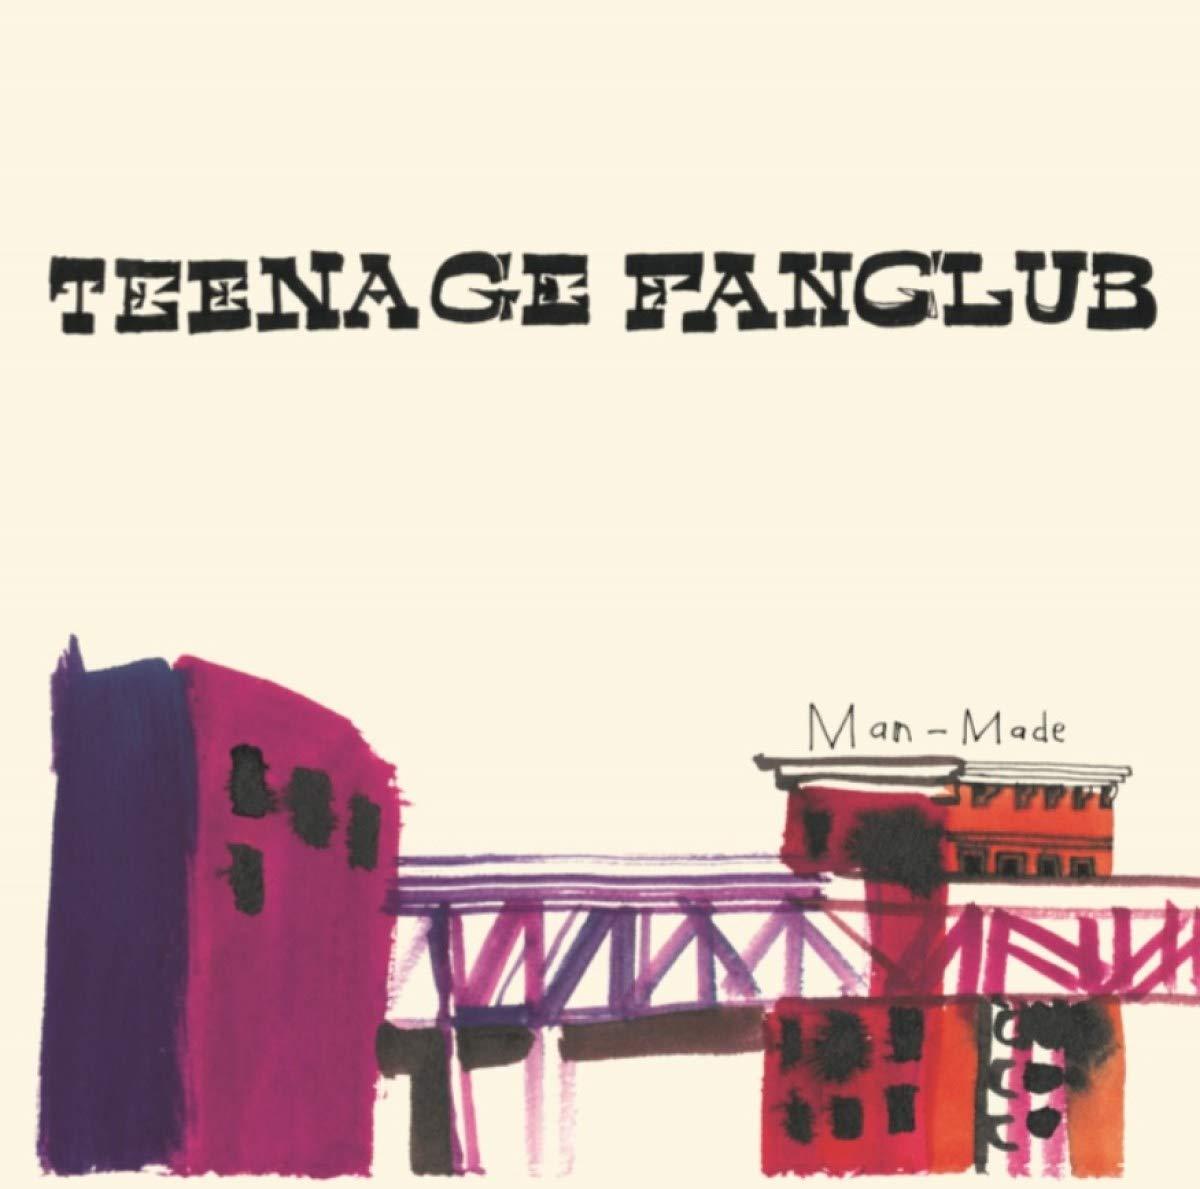 """Vinilo : Teenage Fanclub - Man Made (With Bonus 7"""", United Kingdom - Import)"""